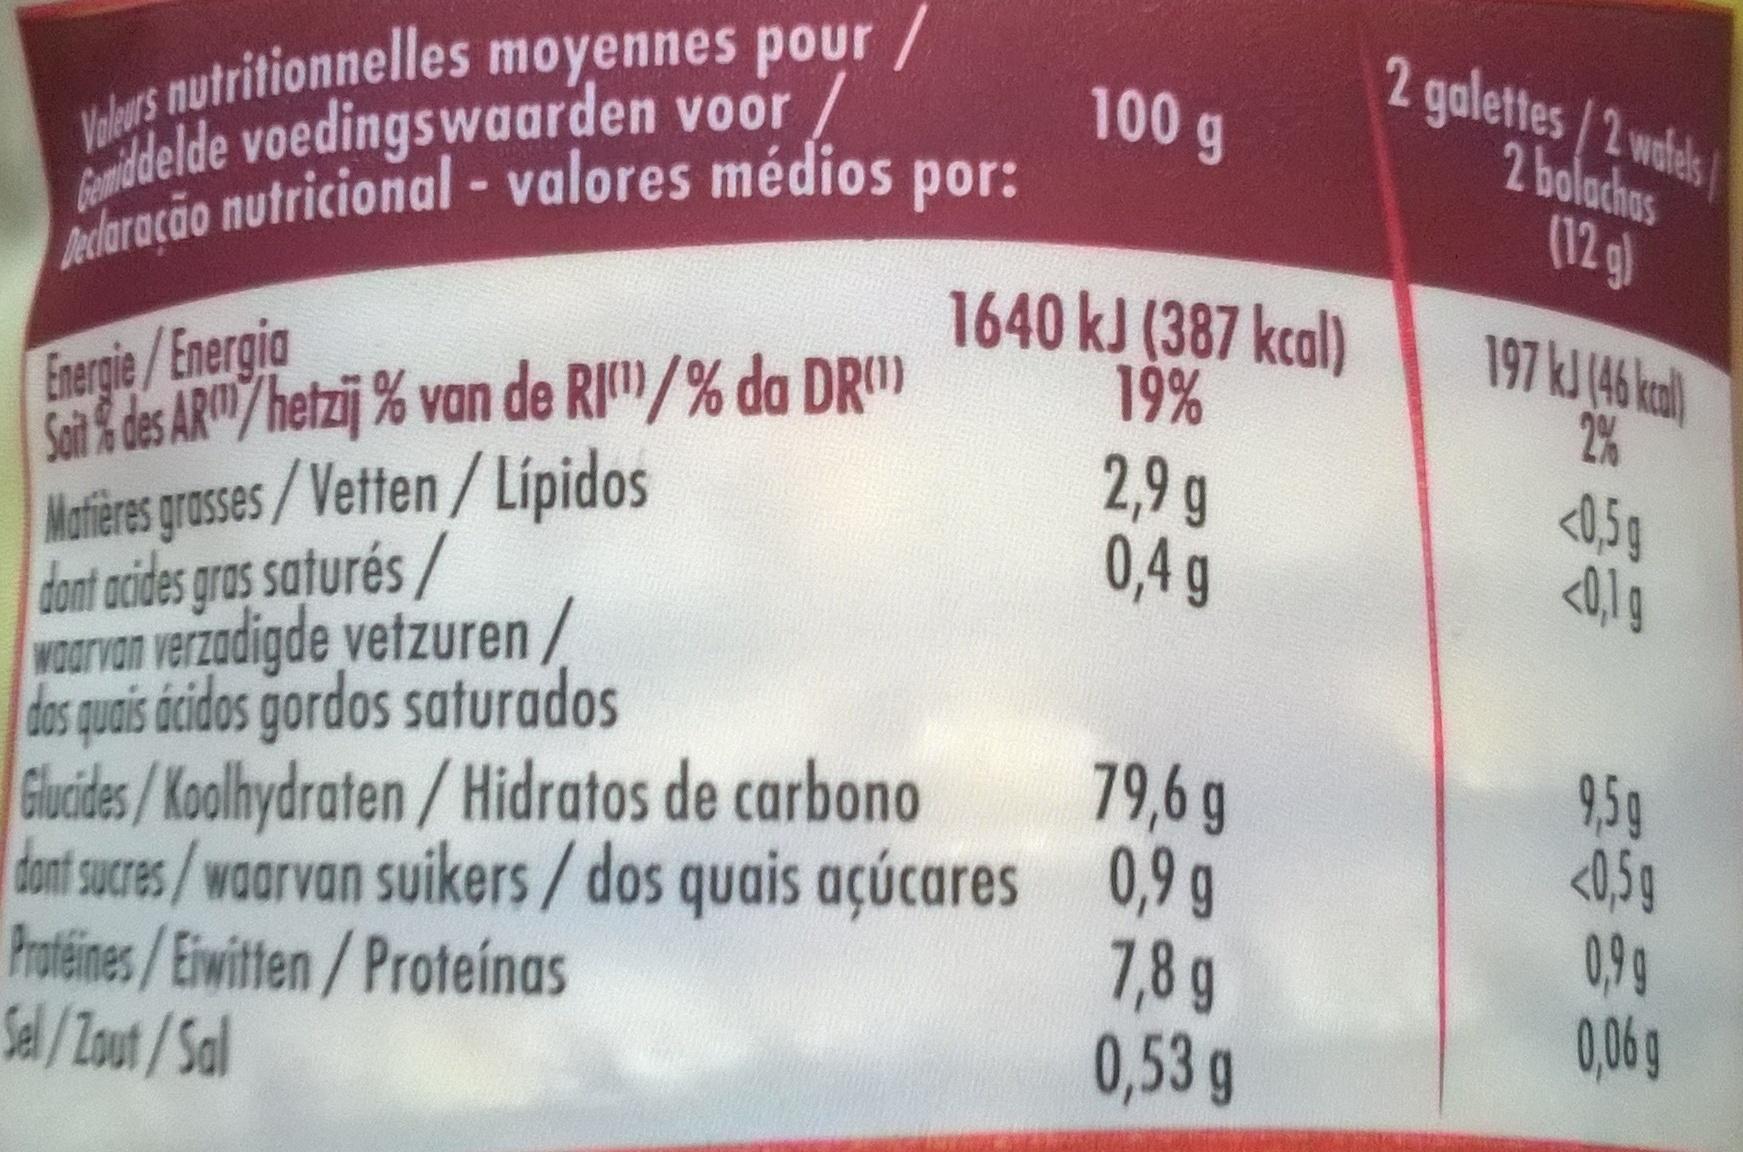 Galettes de Maïs - Voedingswaarden